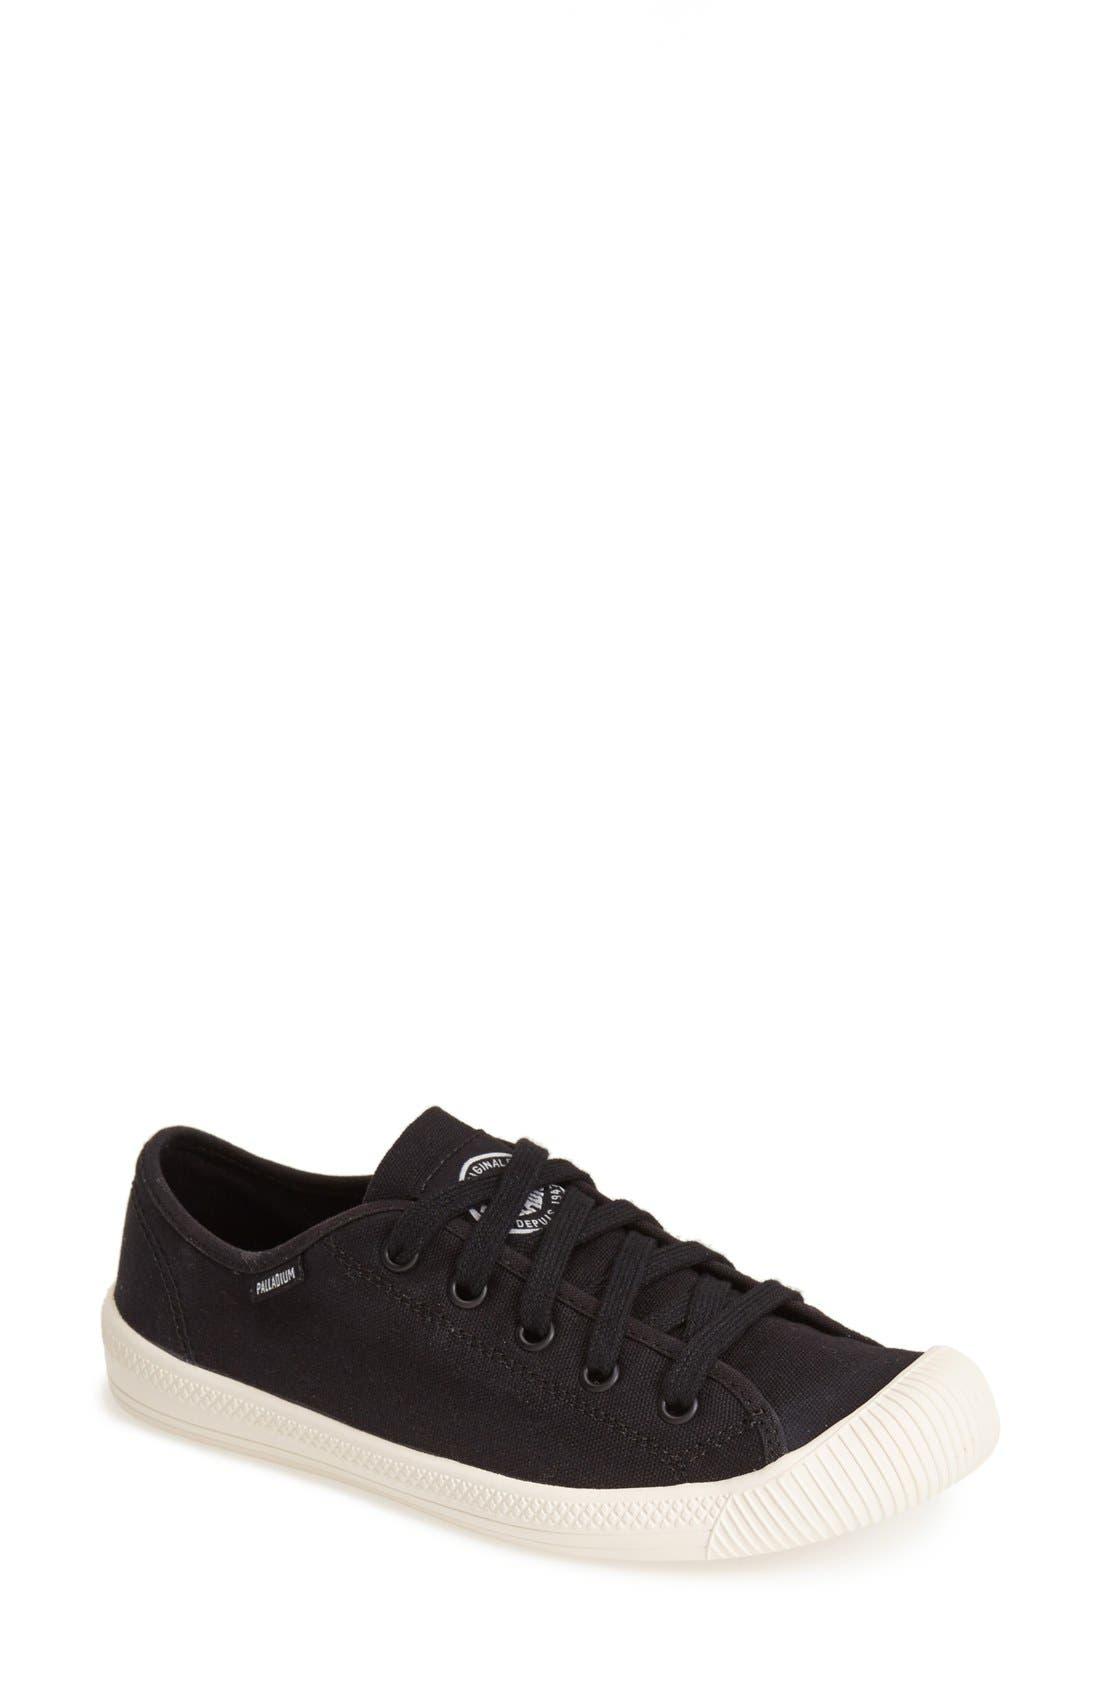 PALLADIUM,                             'Flex Lace' Sneaker,                             Main thumbnail 1, color,                             005